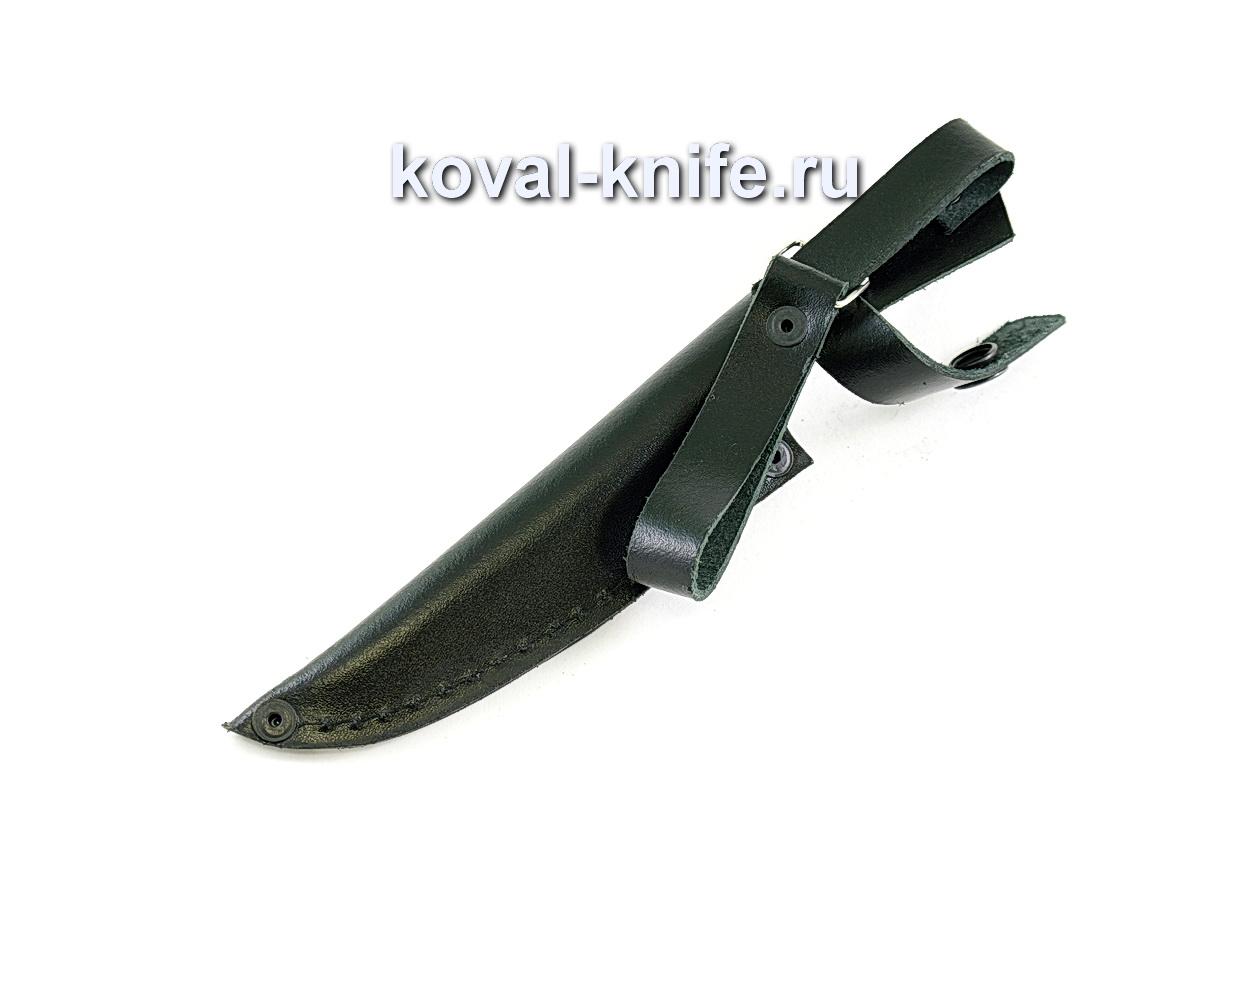 Кожаный чехол (нож Лис)